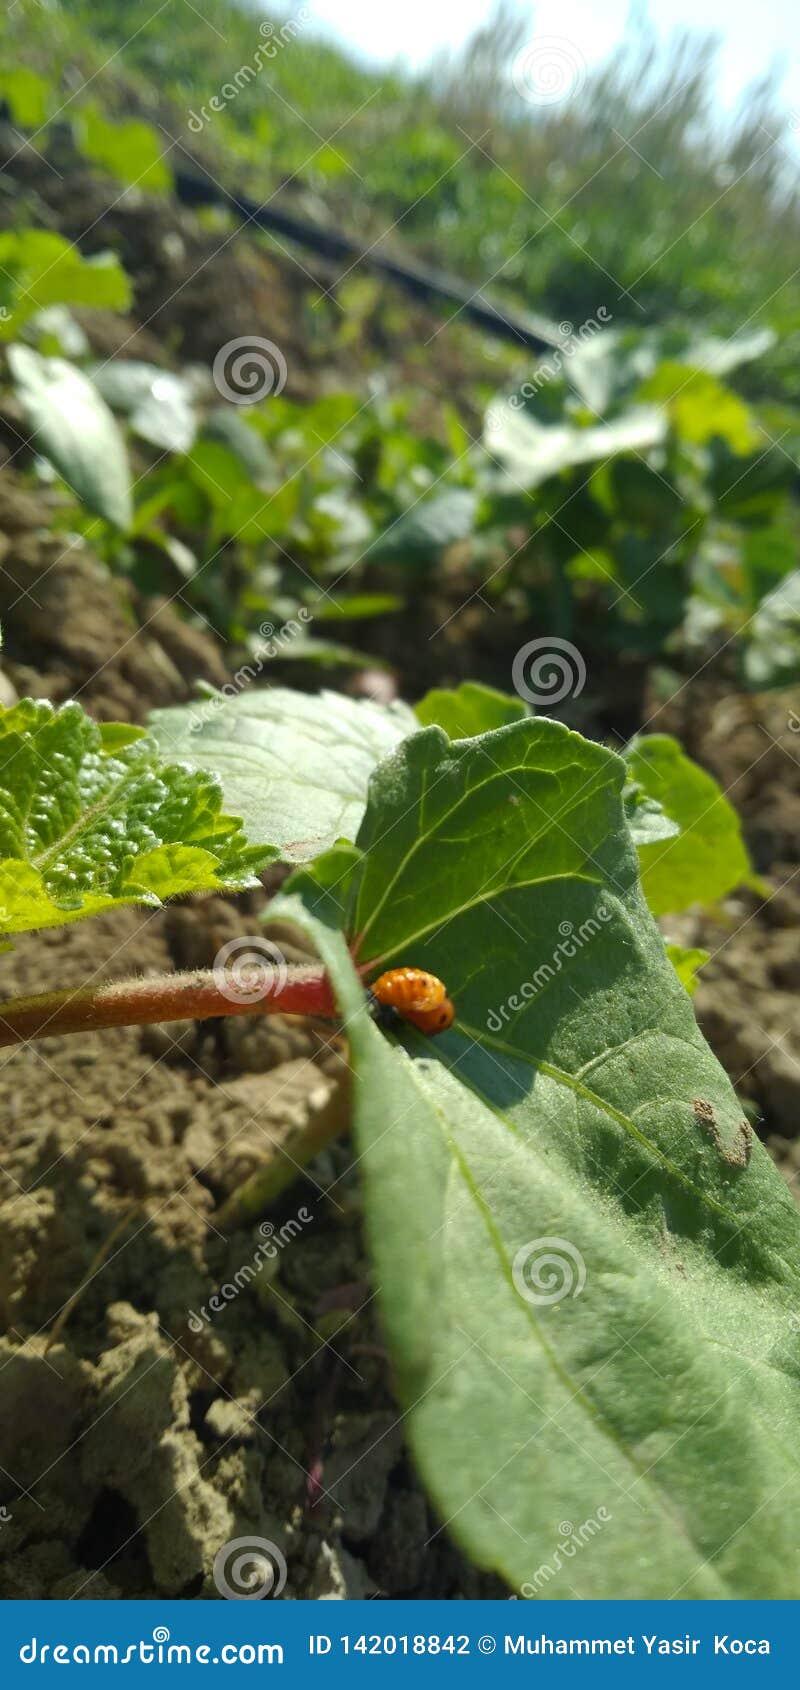 Un insecto en una hoja